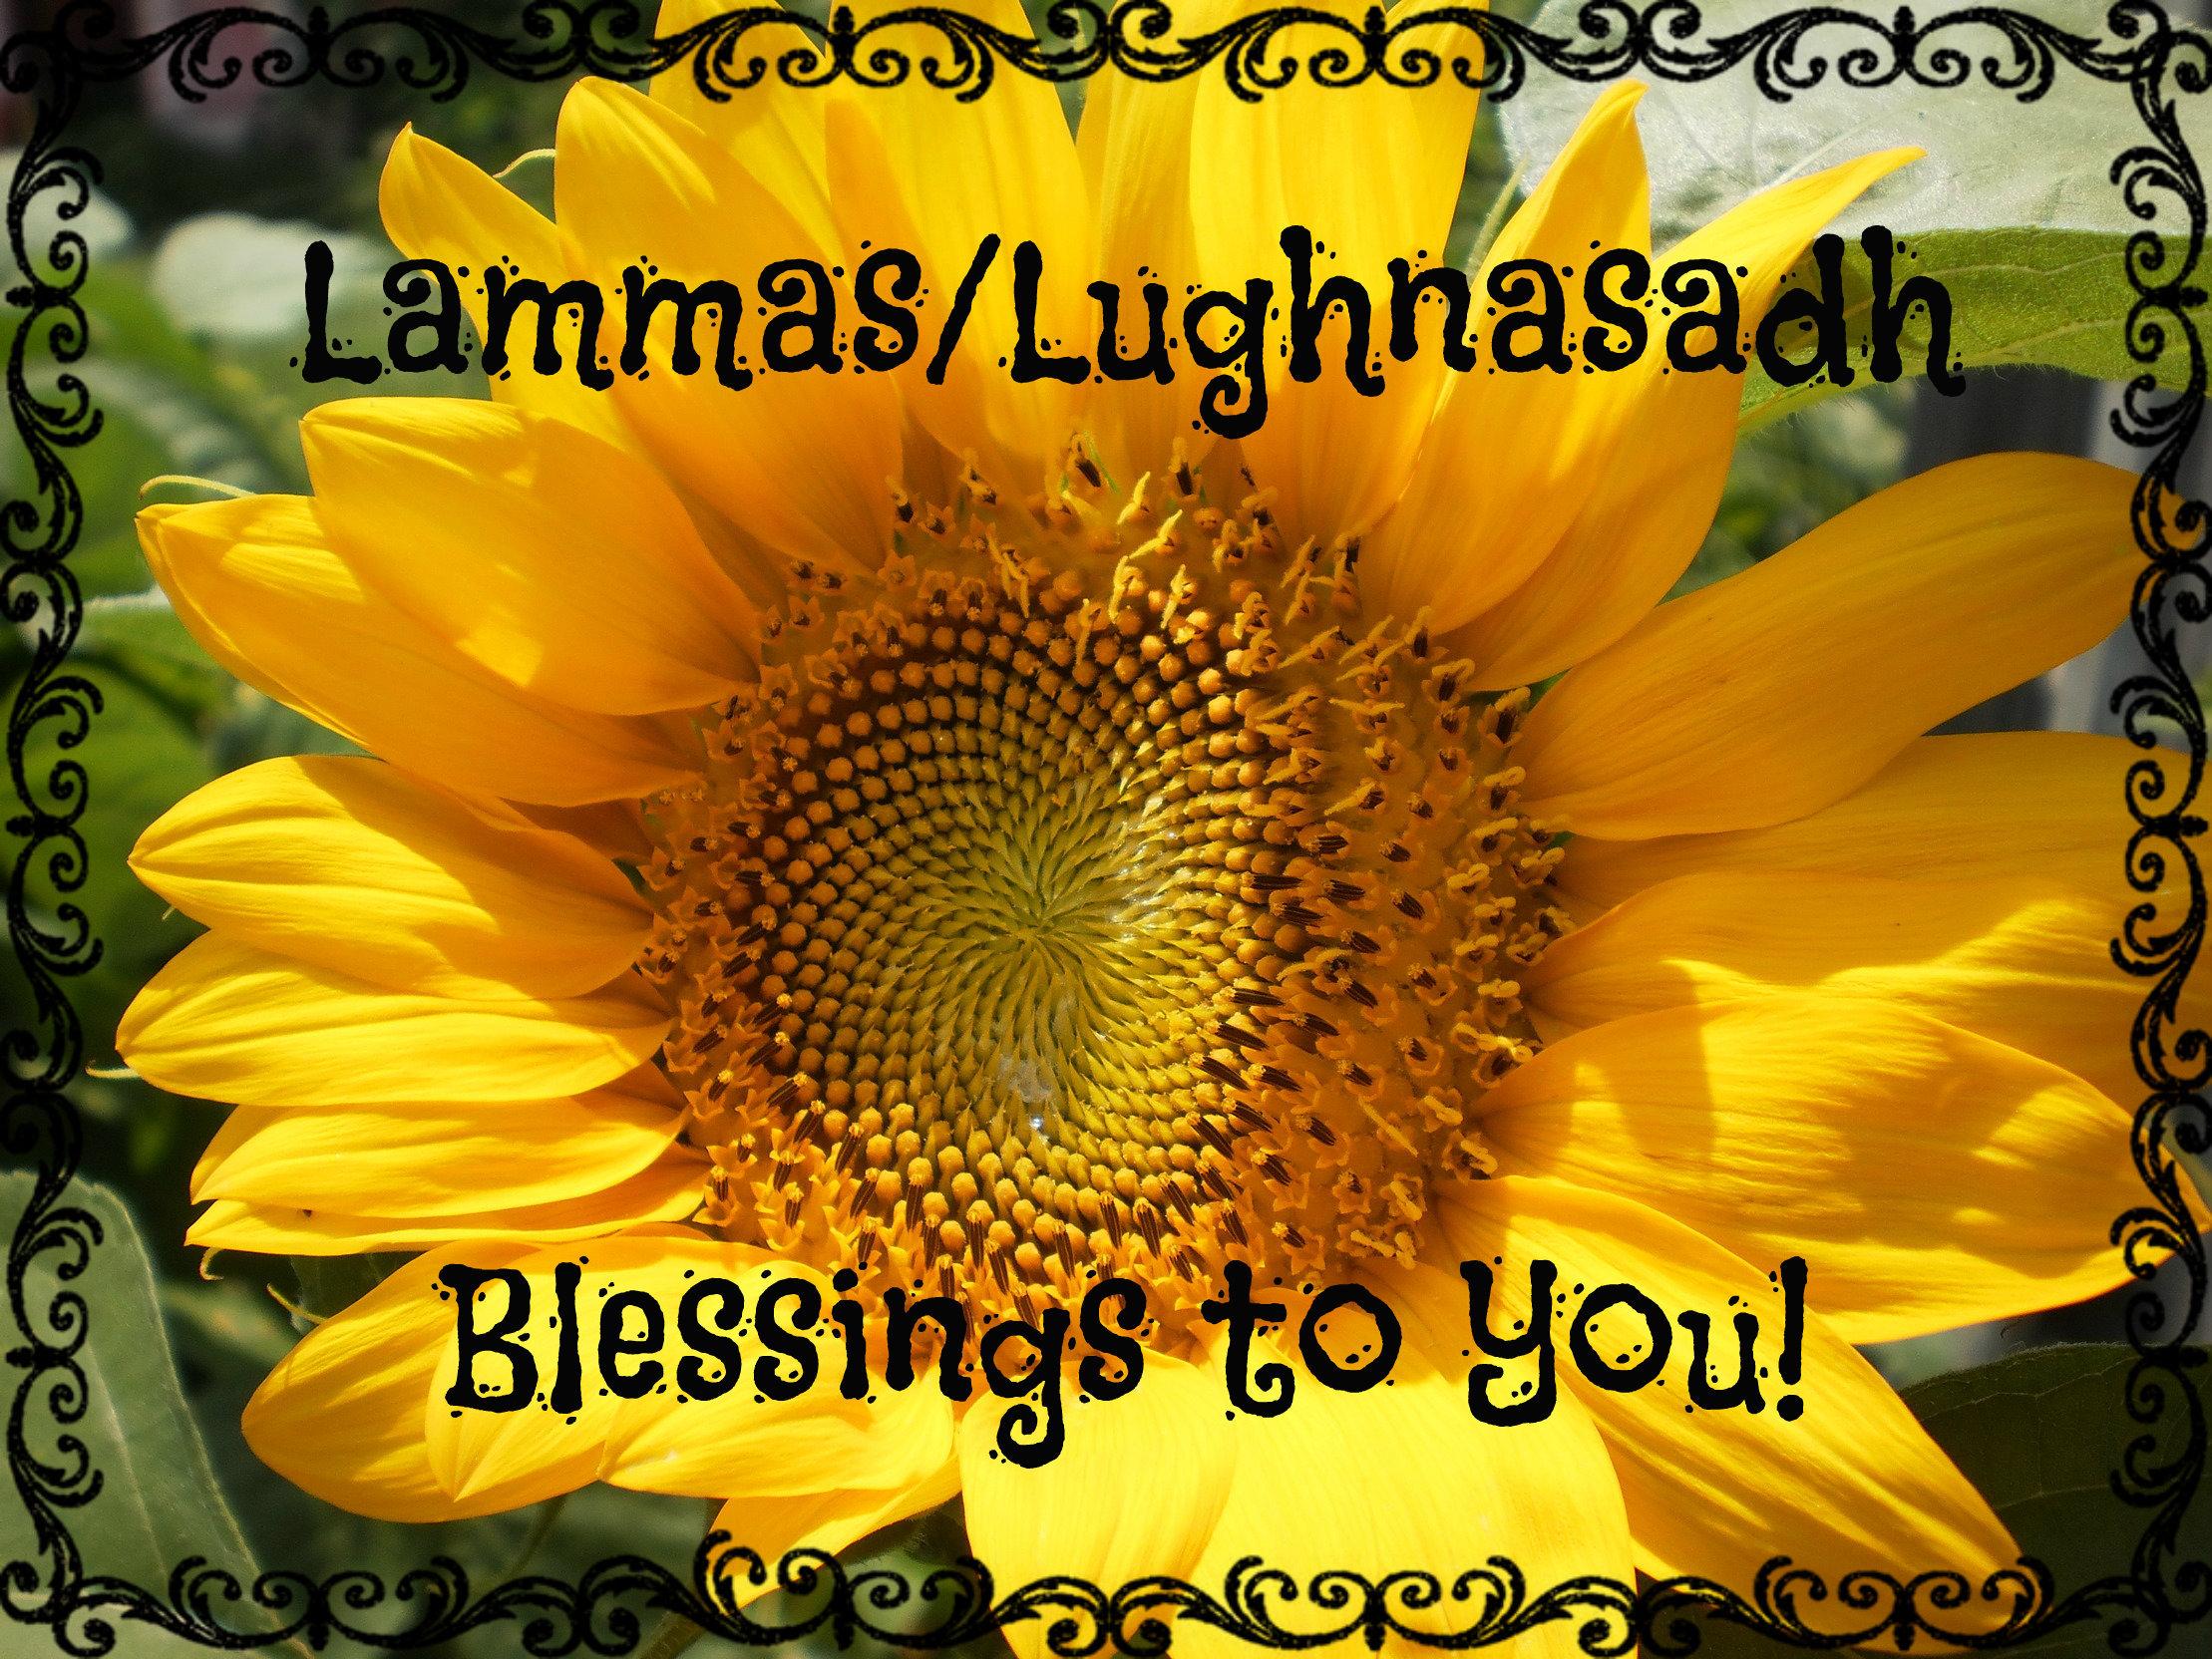 Lughnasadh Blessing